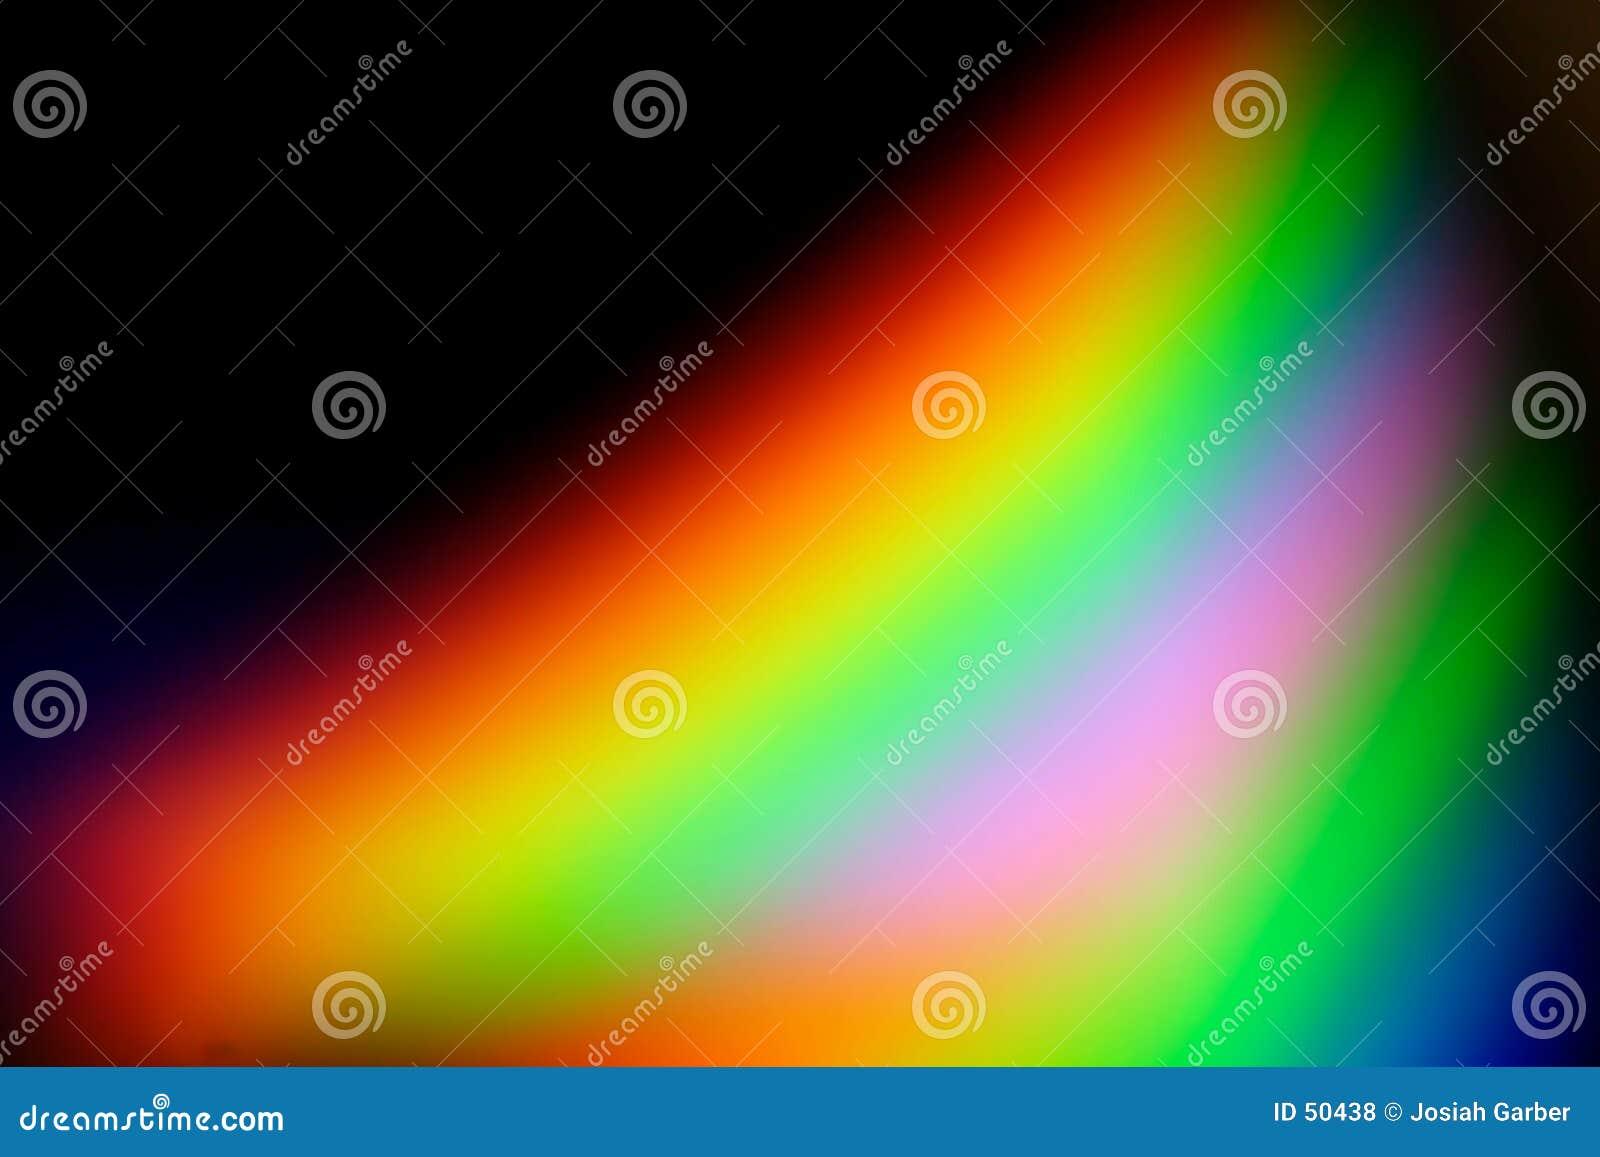 Série #4 do arco-íris